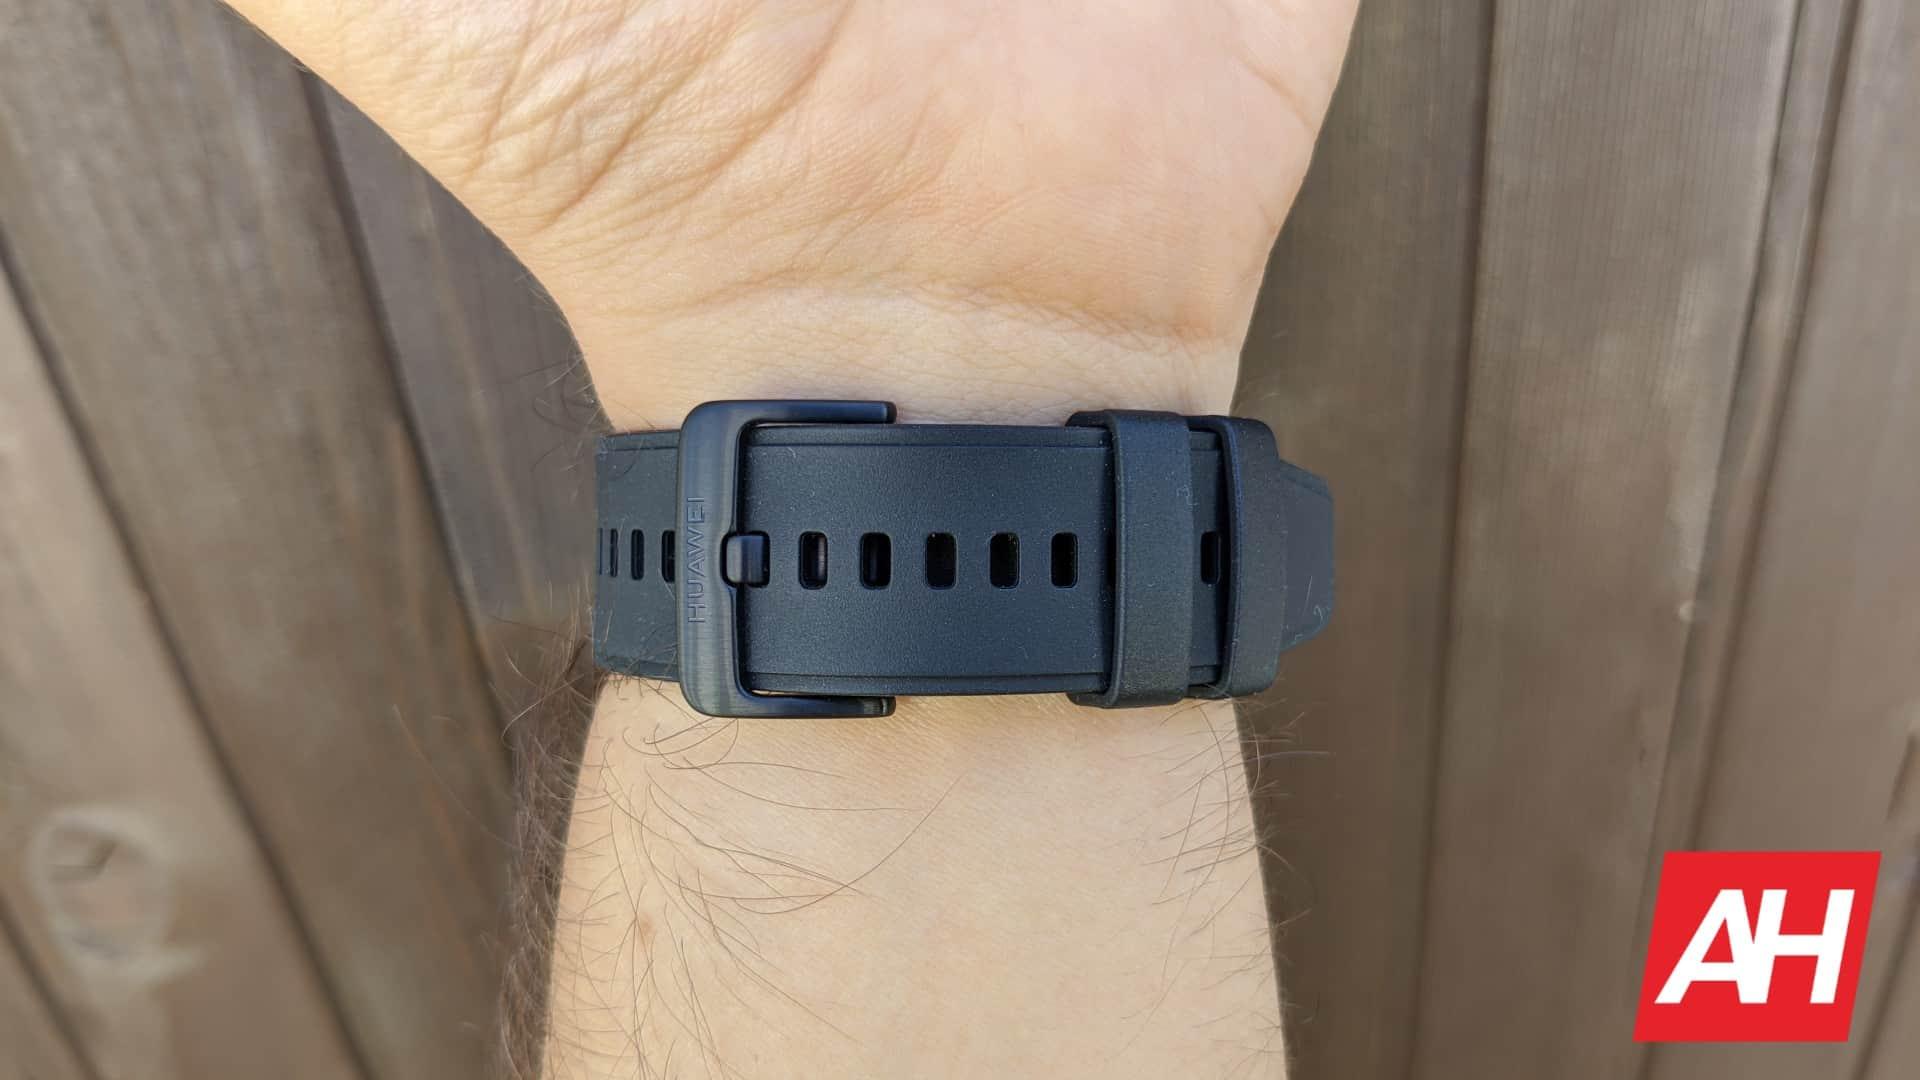 AH Huawei Watch GT 2 Pro 8